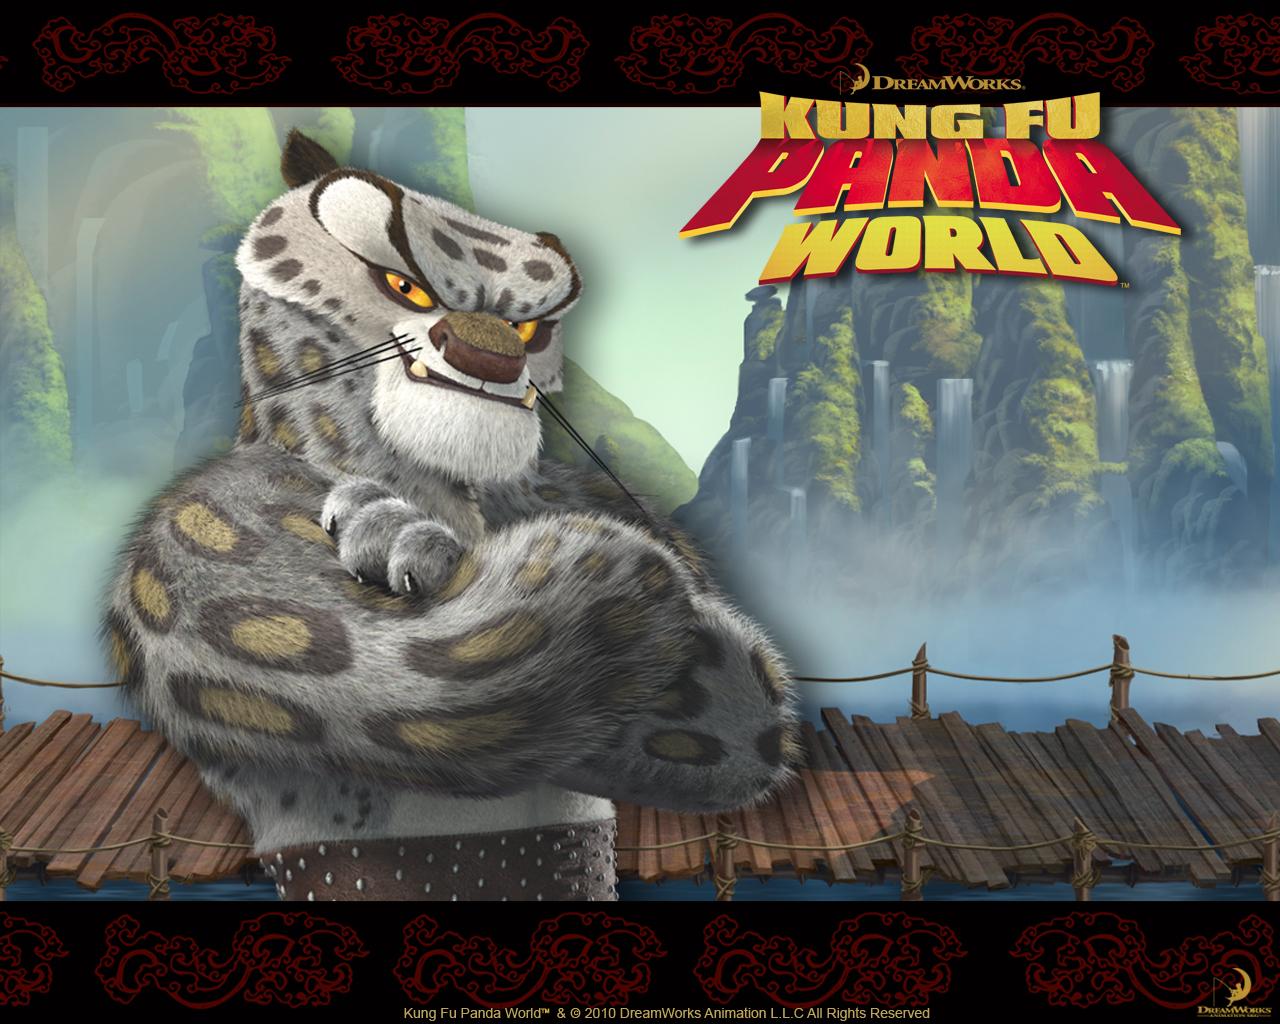 http://3.bp.blogspot.com/-oZ221hHmKyg/TmeKnCezznI/AAAAAAAAABY/lkGiIsweA9o/s1600/Tai-Lung-Kung-Fu-Panda-Wallpaper-1280x1024.jpg